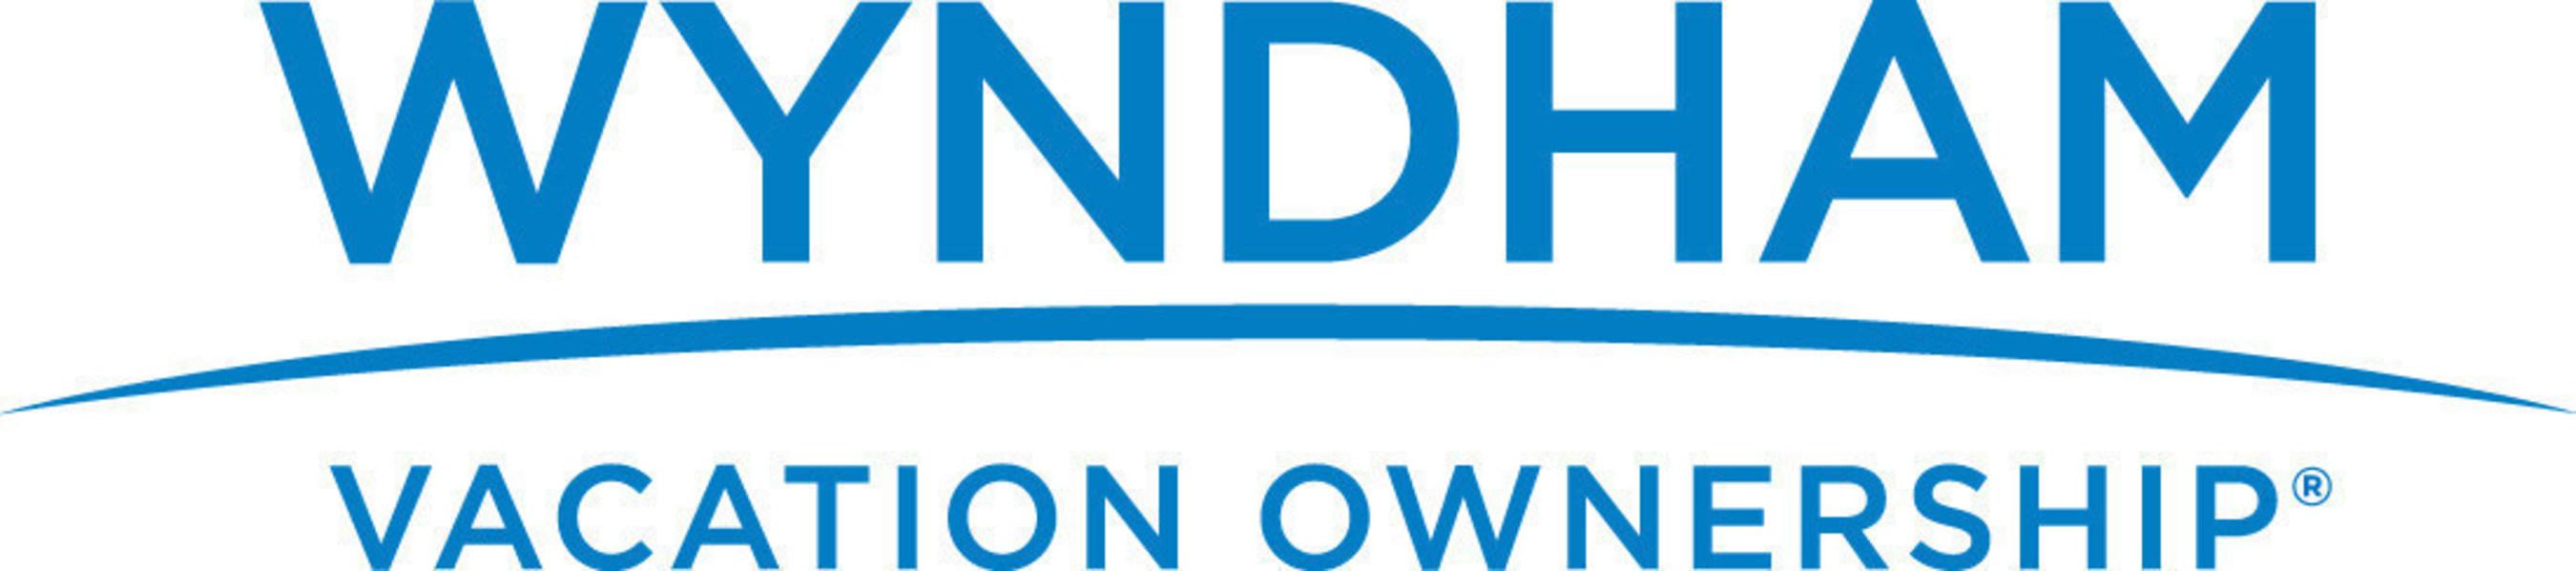 Wyndham Vacation Ownership (PRNewsFoto/Wyndham Vacation Ownership)